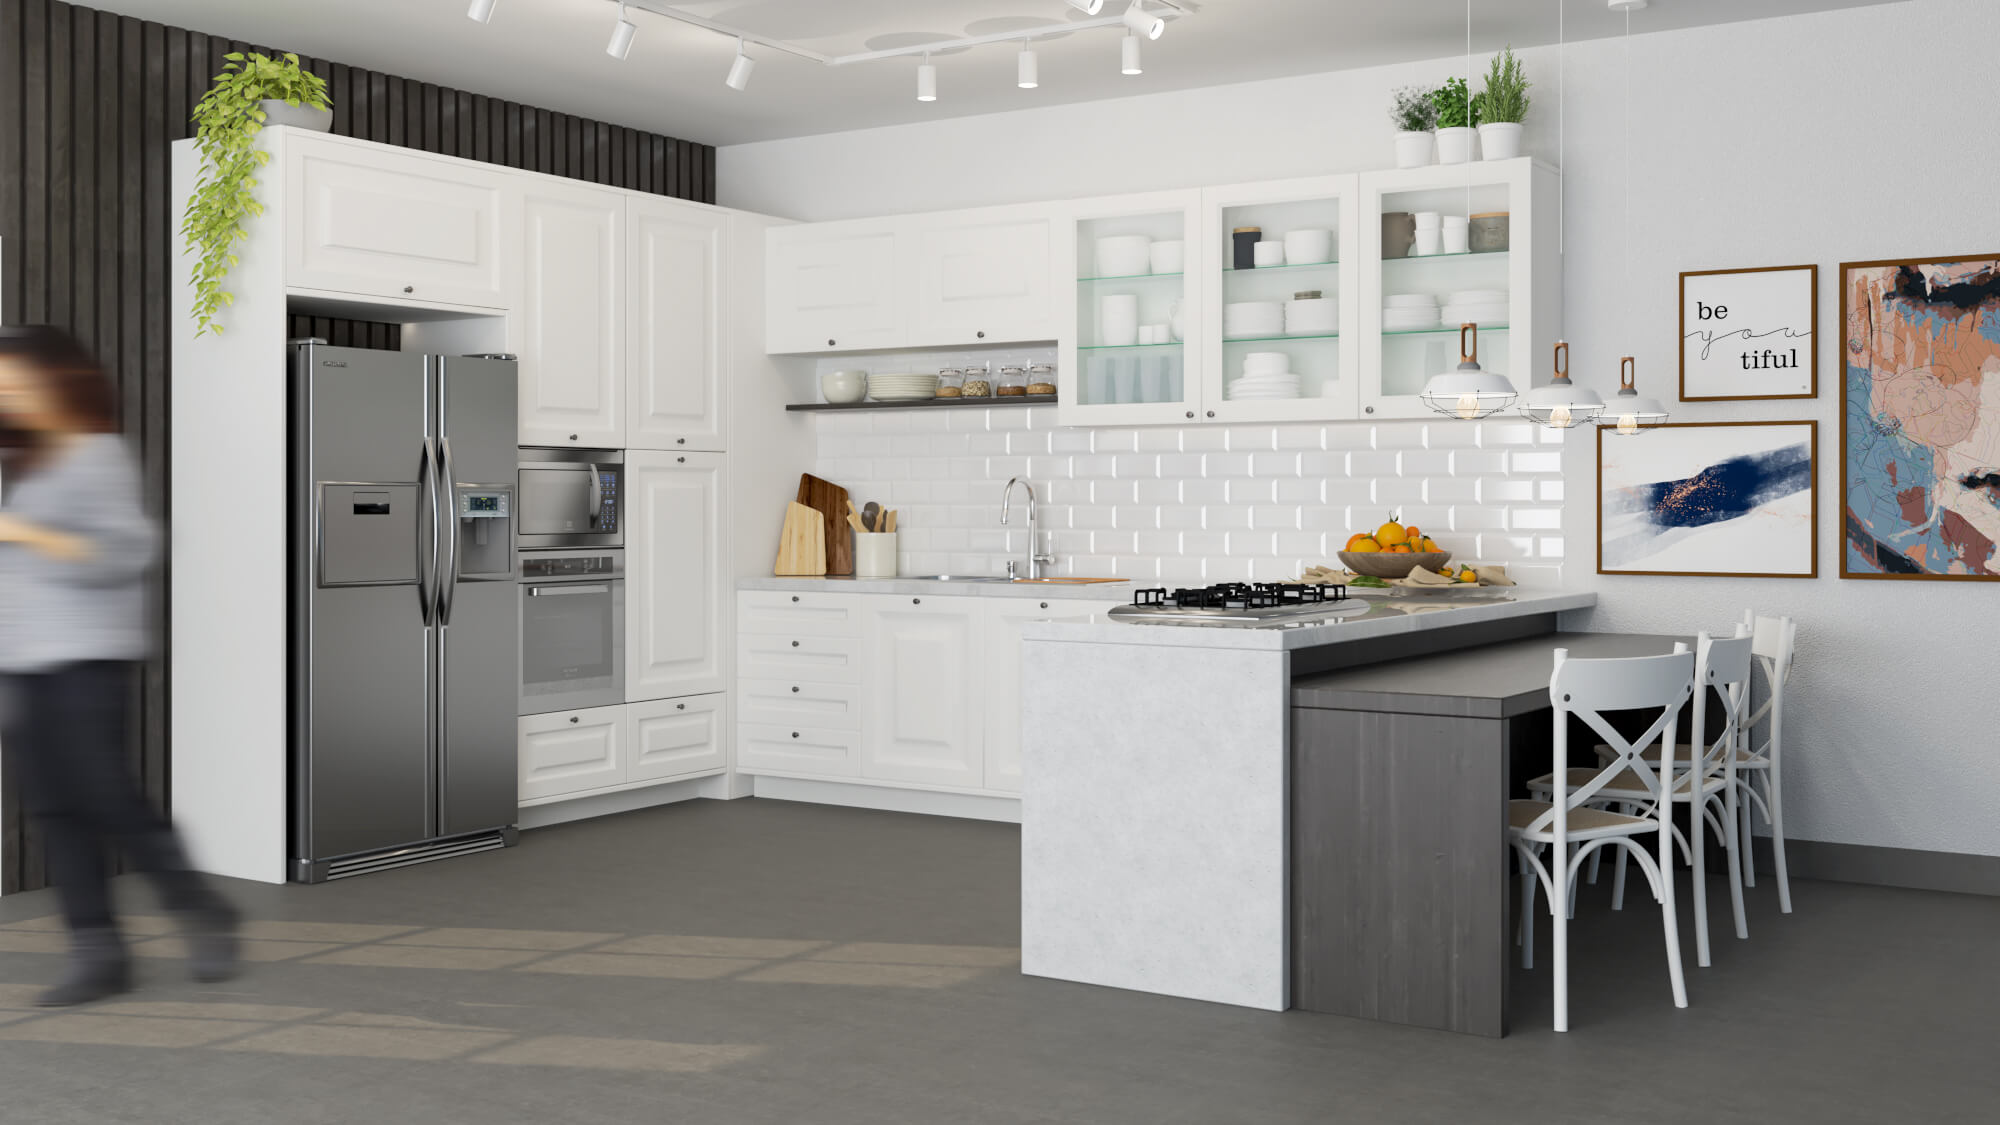 cozinha provençal - toda branca com detalhes em madeira escura